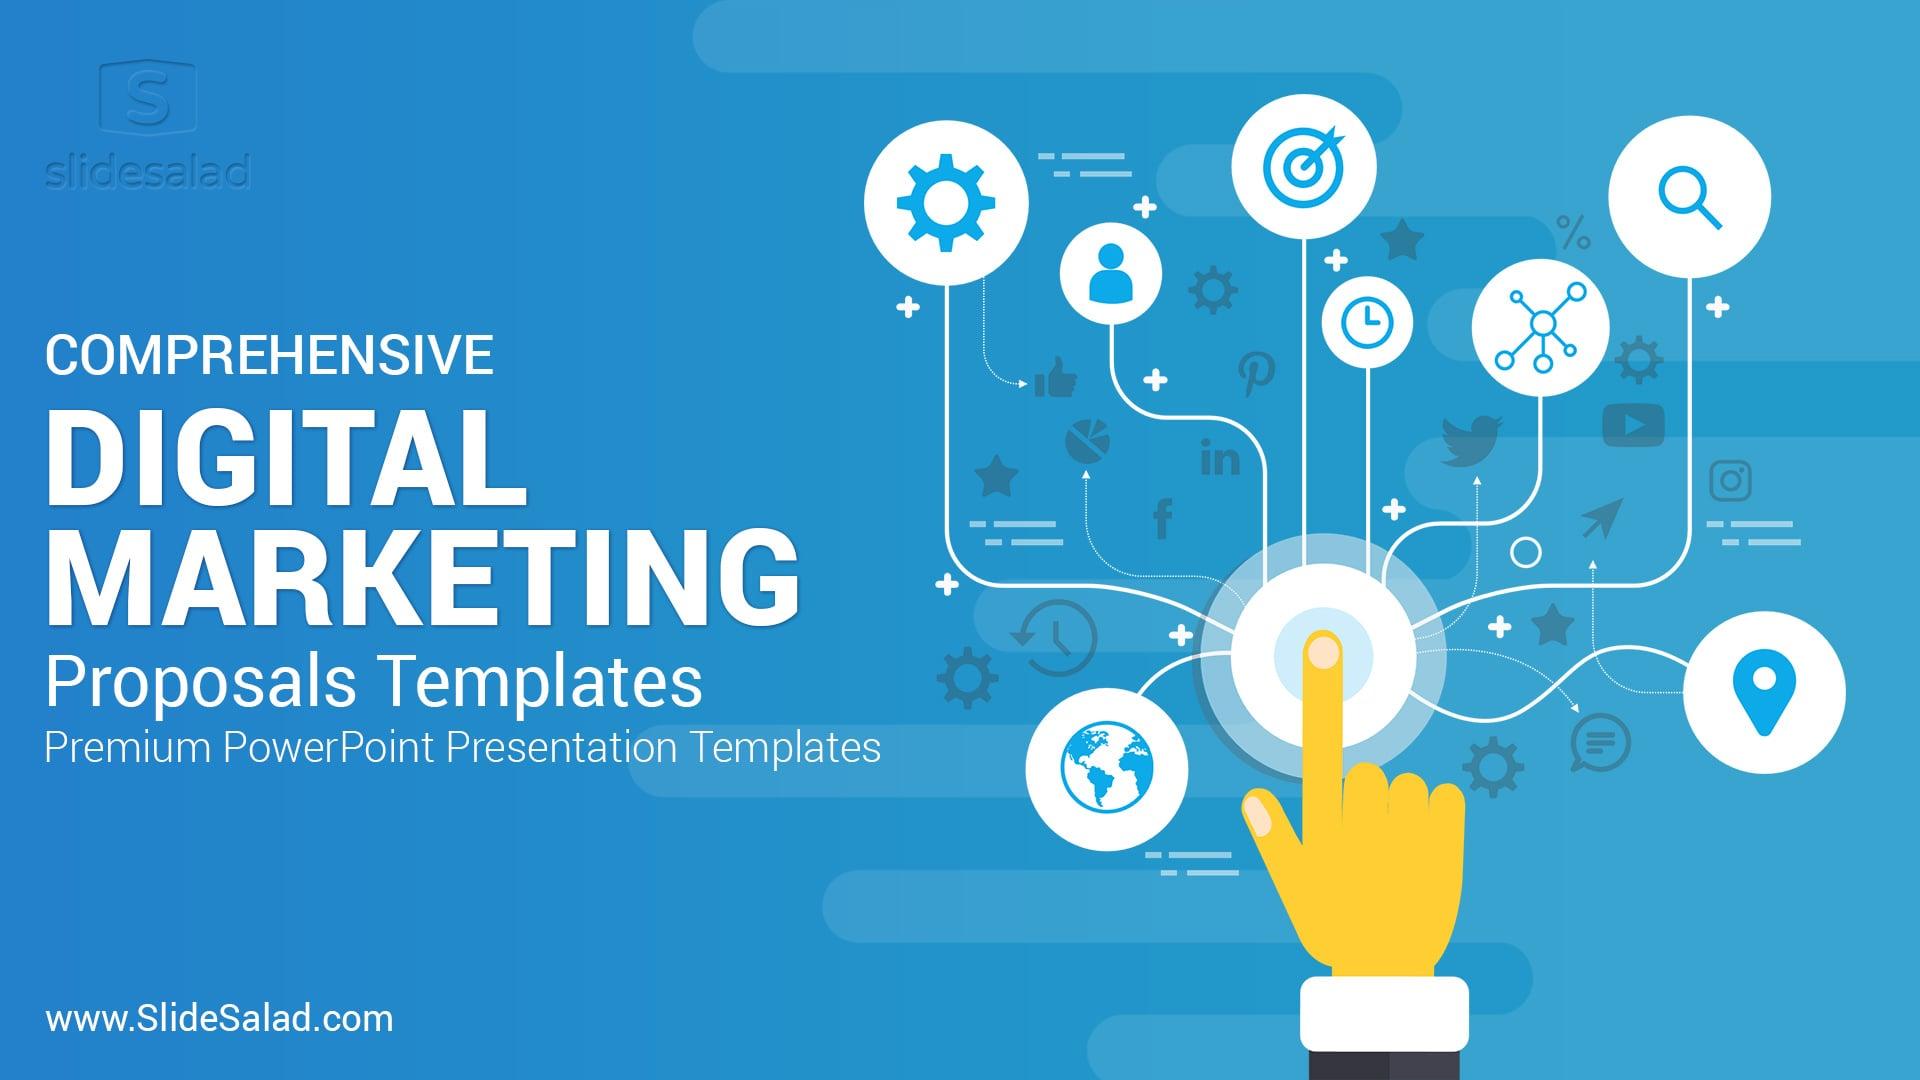 Best Digital Marketing Proposals PowerPoint Templates – Ultimate Marketing PowerPoint Template Set